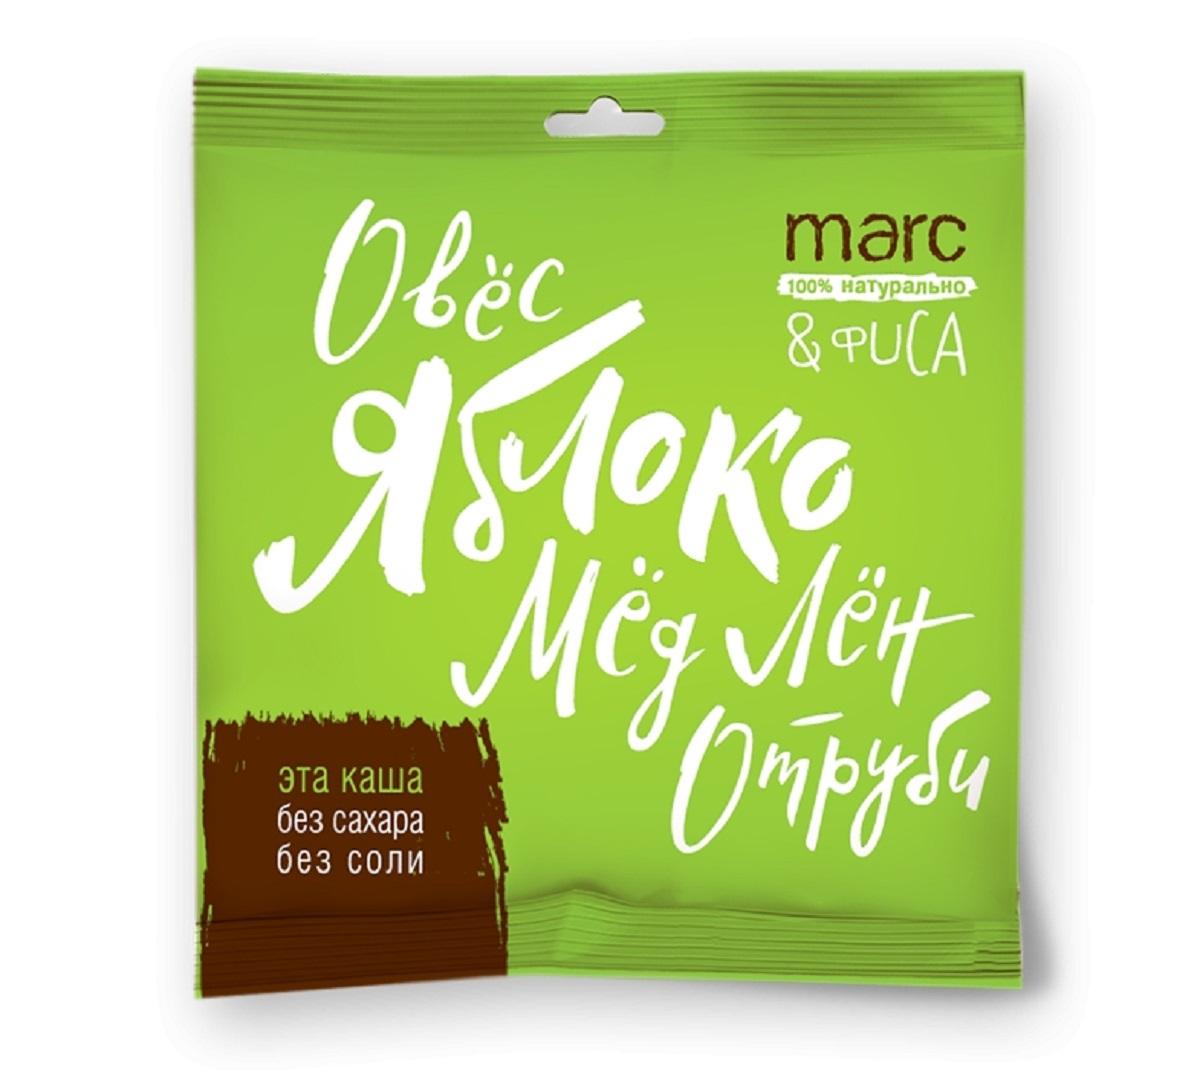 Marc&Фиса Каша яблоко, корица, 44 г2852Быстрого приготовления. В основе овес, лен и овсяные отруби. Не содержат жир, сахар и ароматизаторы. Сбалансированный источник клетчатки и Омега 3-6-9. Порция на одного.